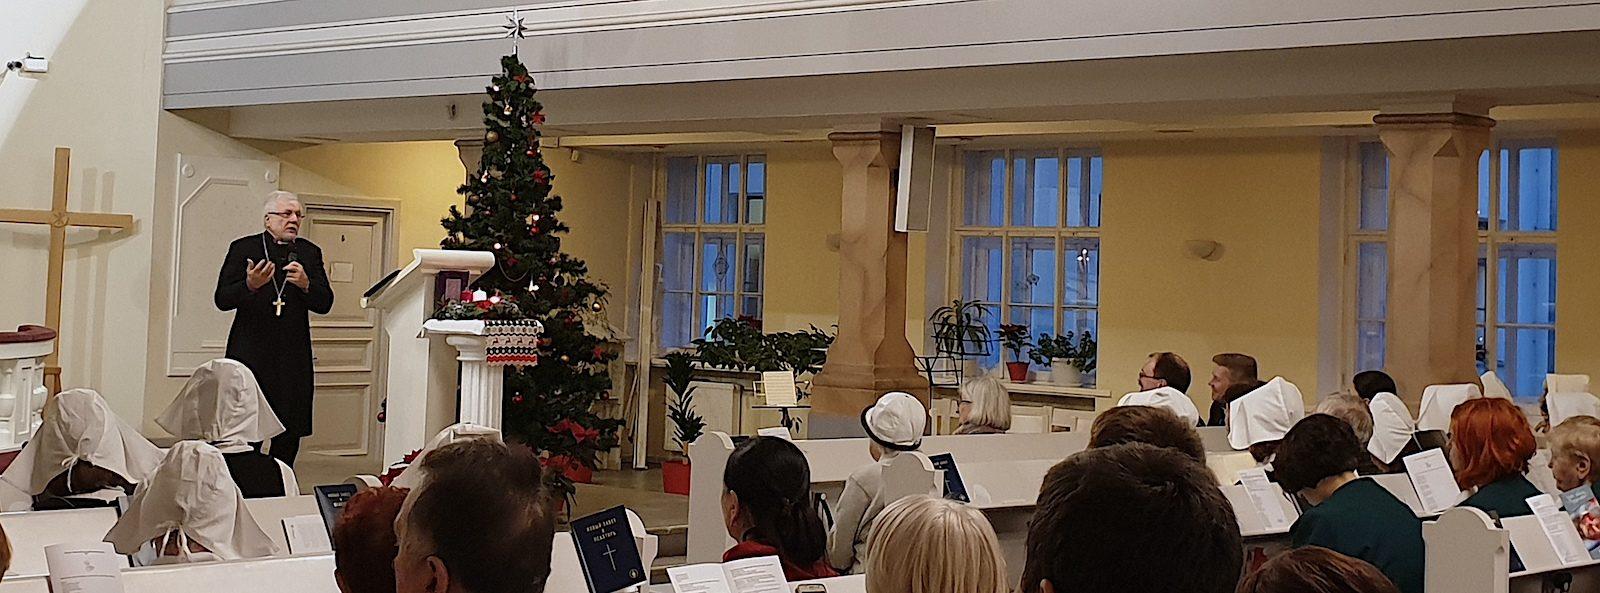 Joulujuhla Pyhän Marian kirkossa